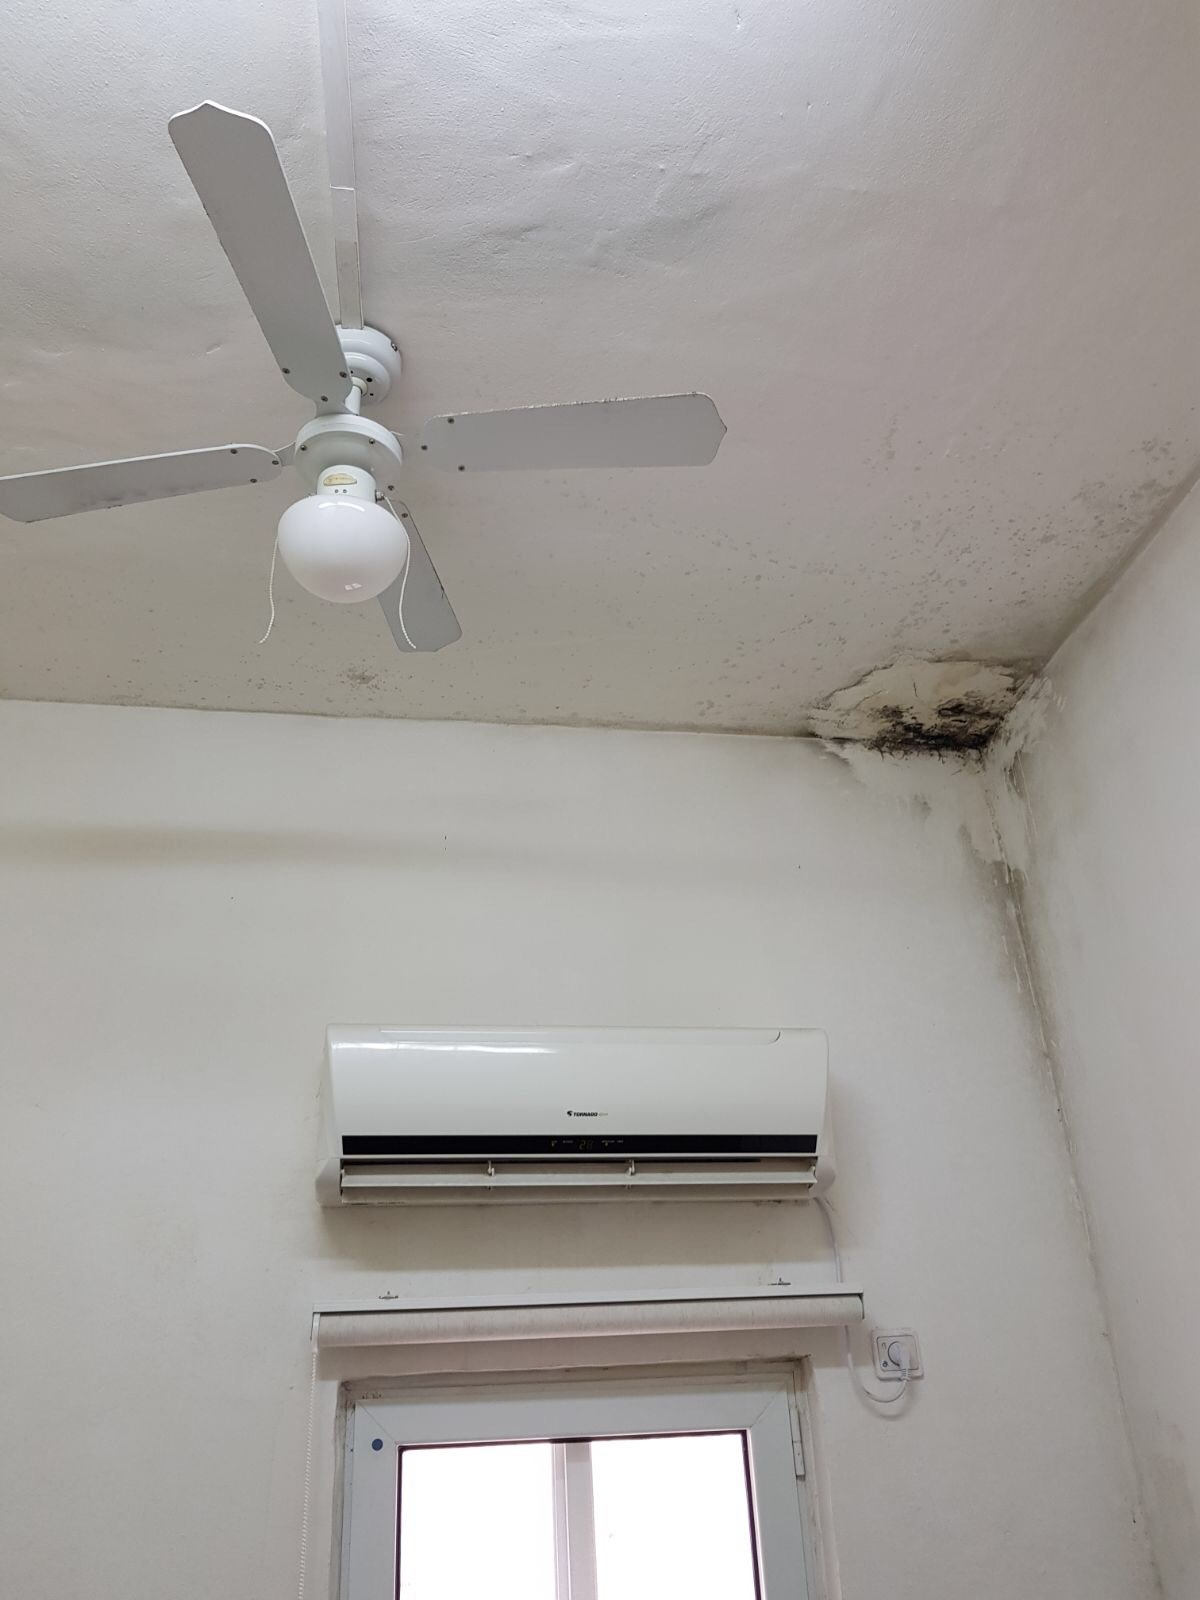 ام الفحم: فئران في مكاتب الصحيّة؟؟